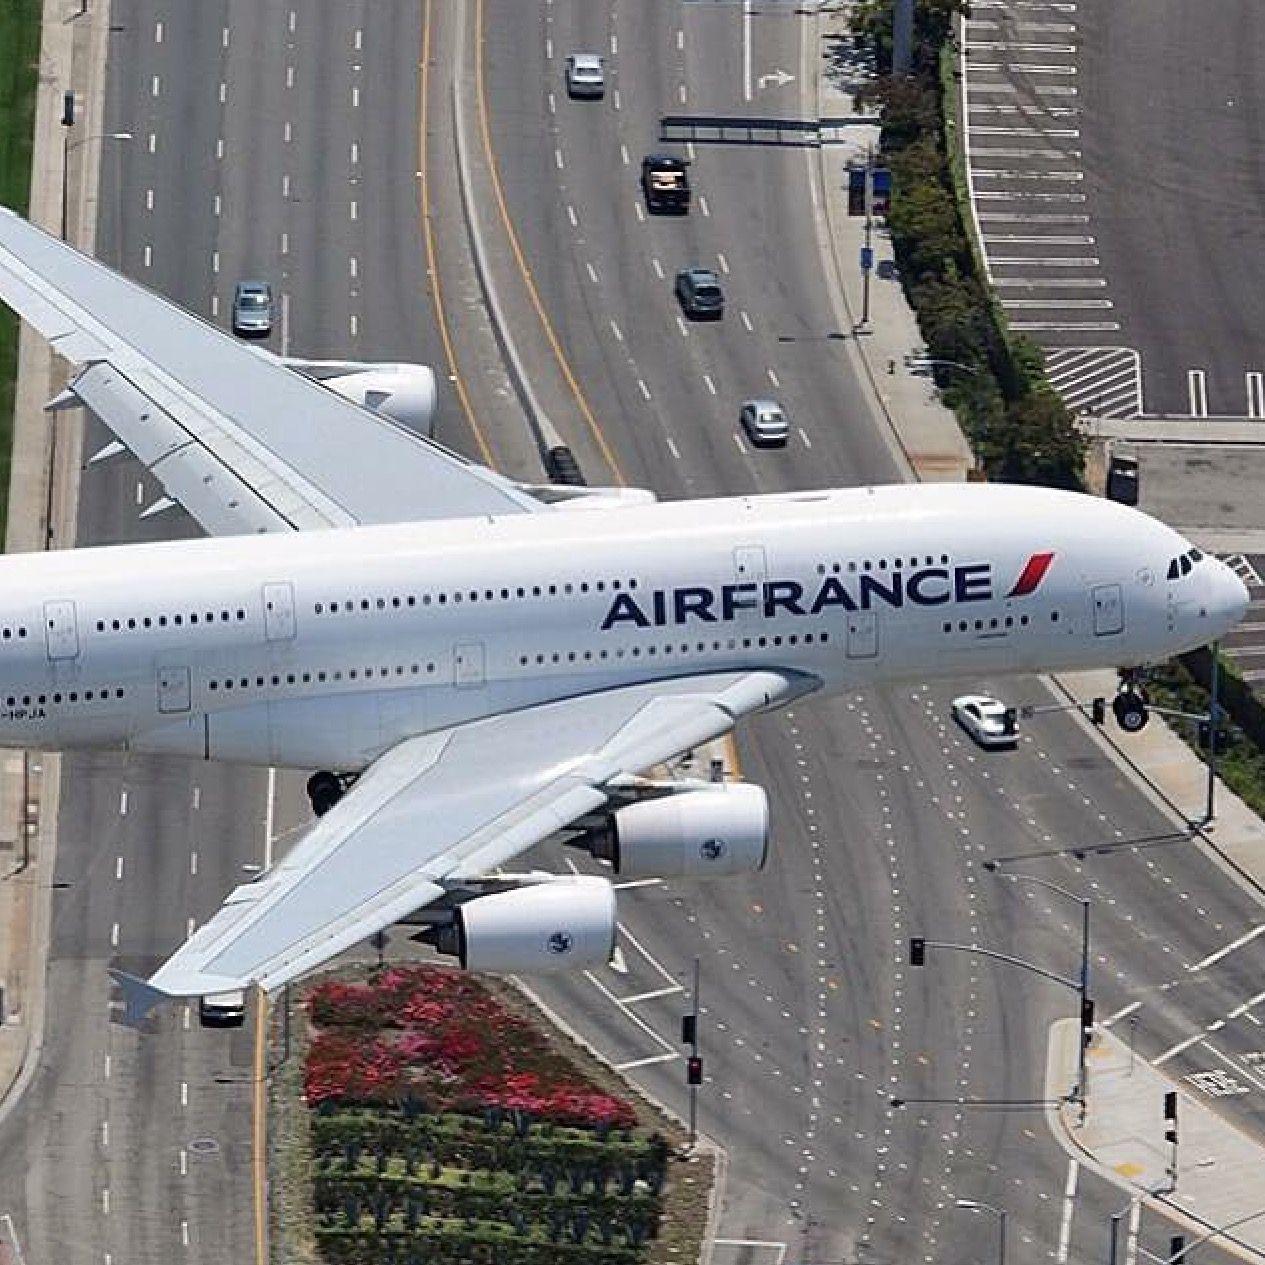 Air France A380 Avion de ligne, Planes, Bus